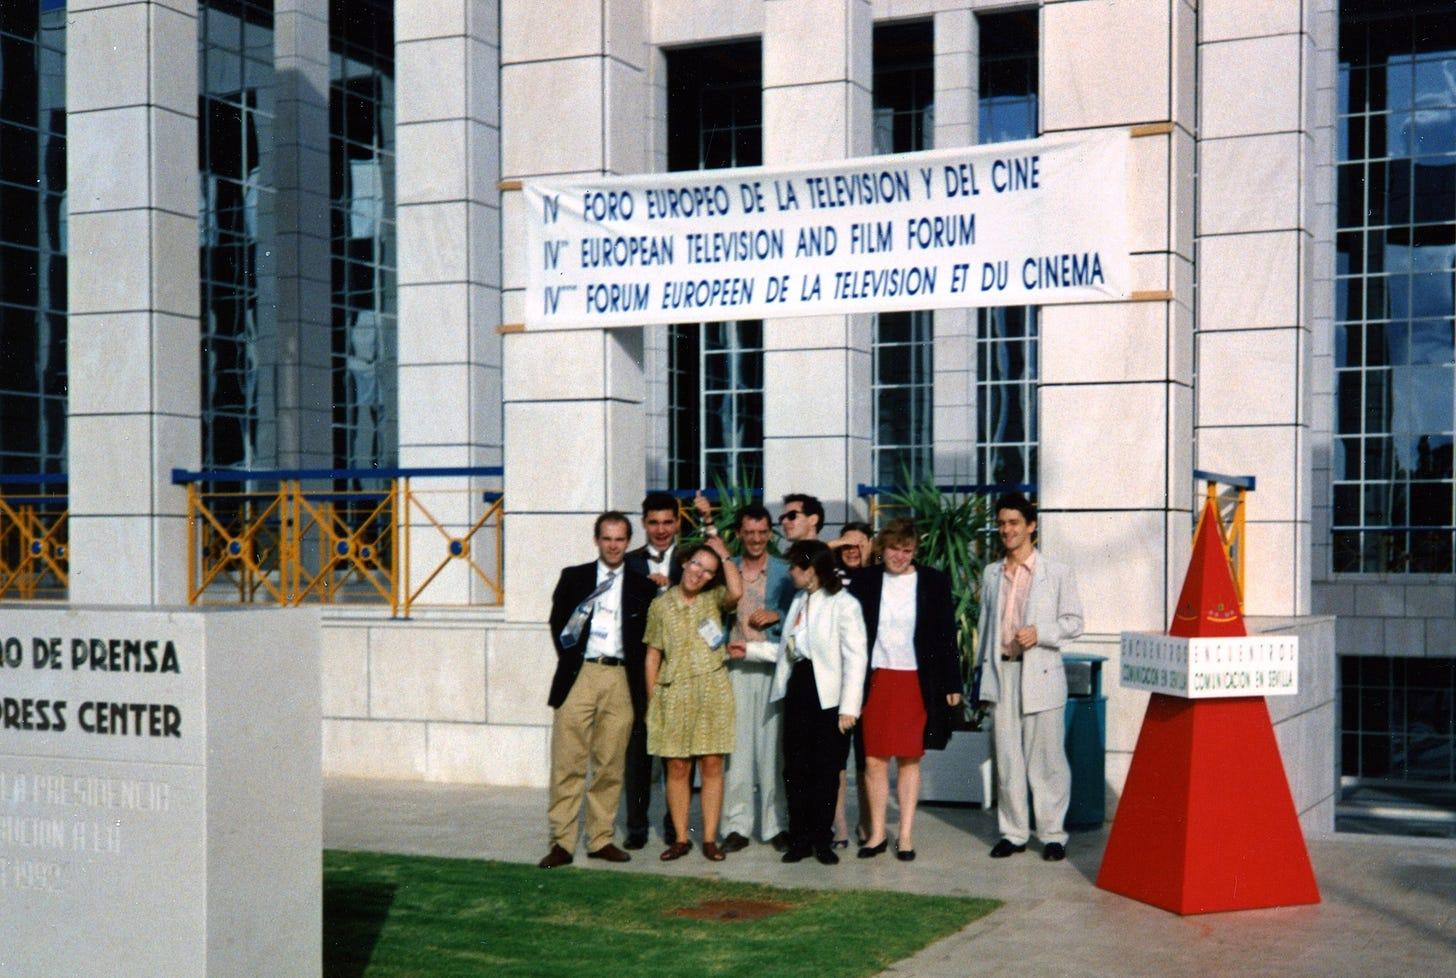 Afbeelding kan het volgende bevatten: een of meer mensen, staande mensen en buiten, de tekst 'M FORO EUROPEO DE LA TELEVISION DEL CINE N EUROPEAN TELEVISION AND FILM FORUM N FORUM EUROPEEN DE LA TELEVISION ET DU CINEMA 0 DE PRENSA RESS CENTER APREIDENCIR UCONALE 3003 MNEOON3IBU'